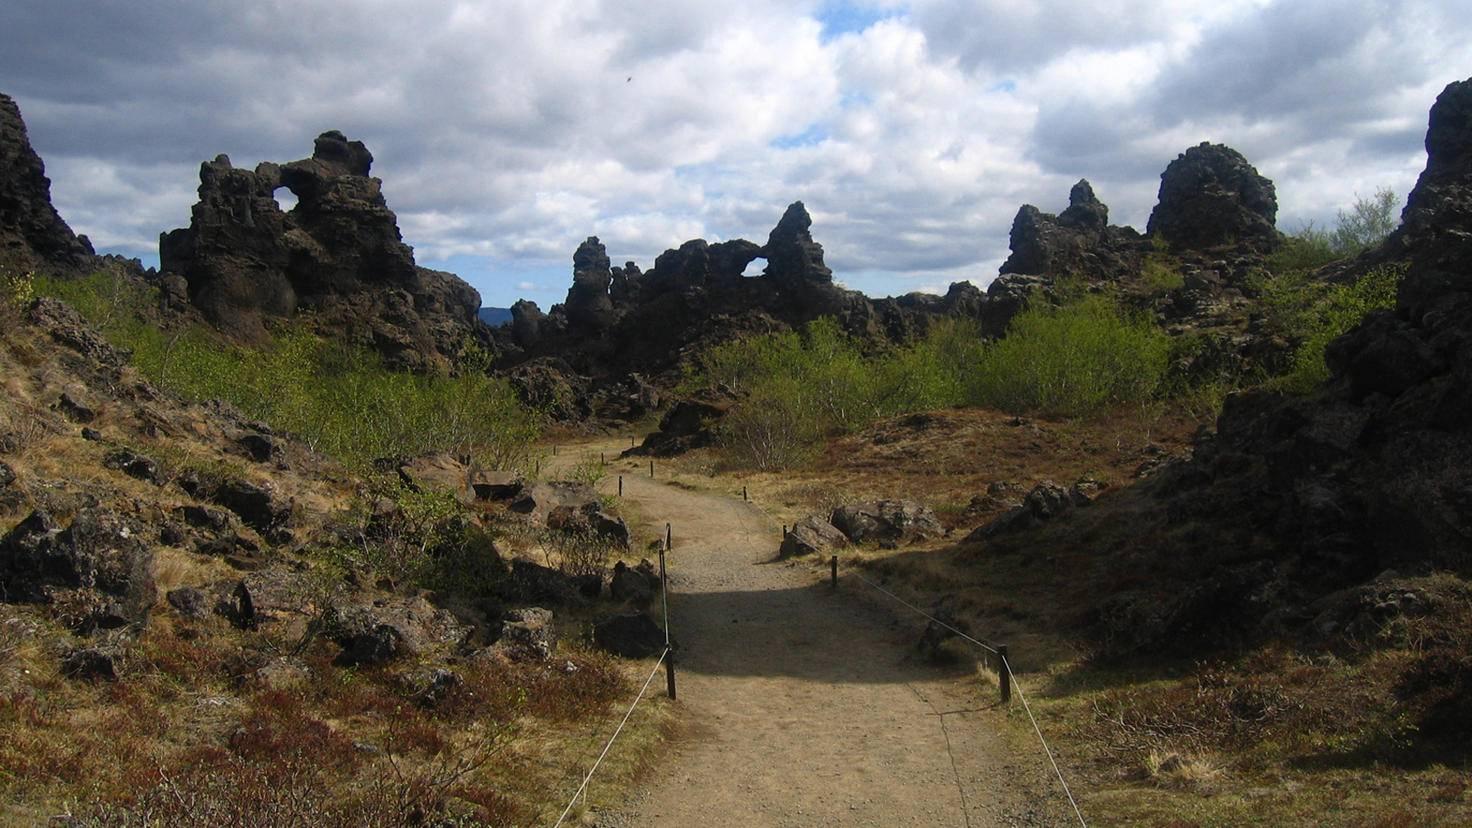 Zerklüftete Felsen, karge Landschaft – eine Beschreibung, die auf den Norden von Westeros nicht ganz zufällig ebenso zutrifft wie auf die isländische Felsformation Dimmuborgir.